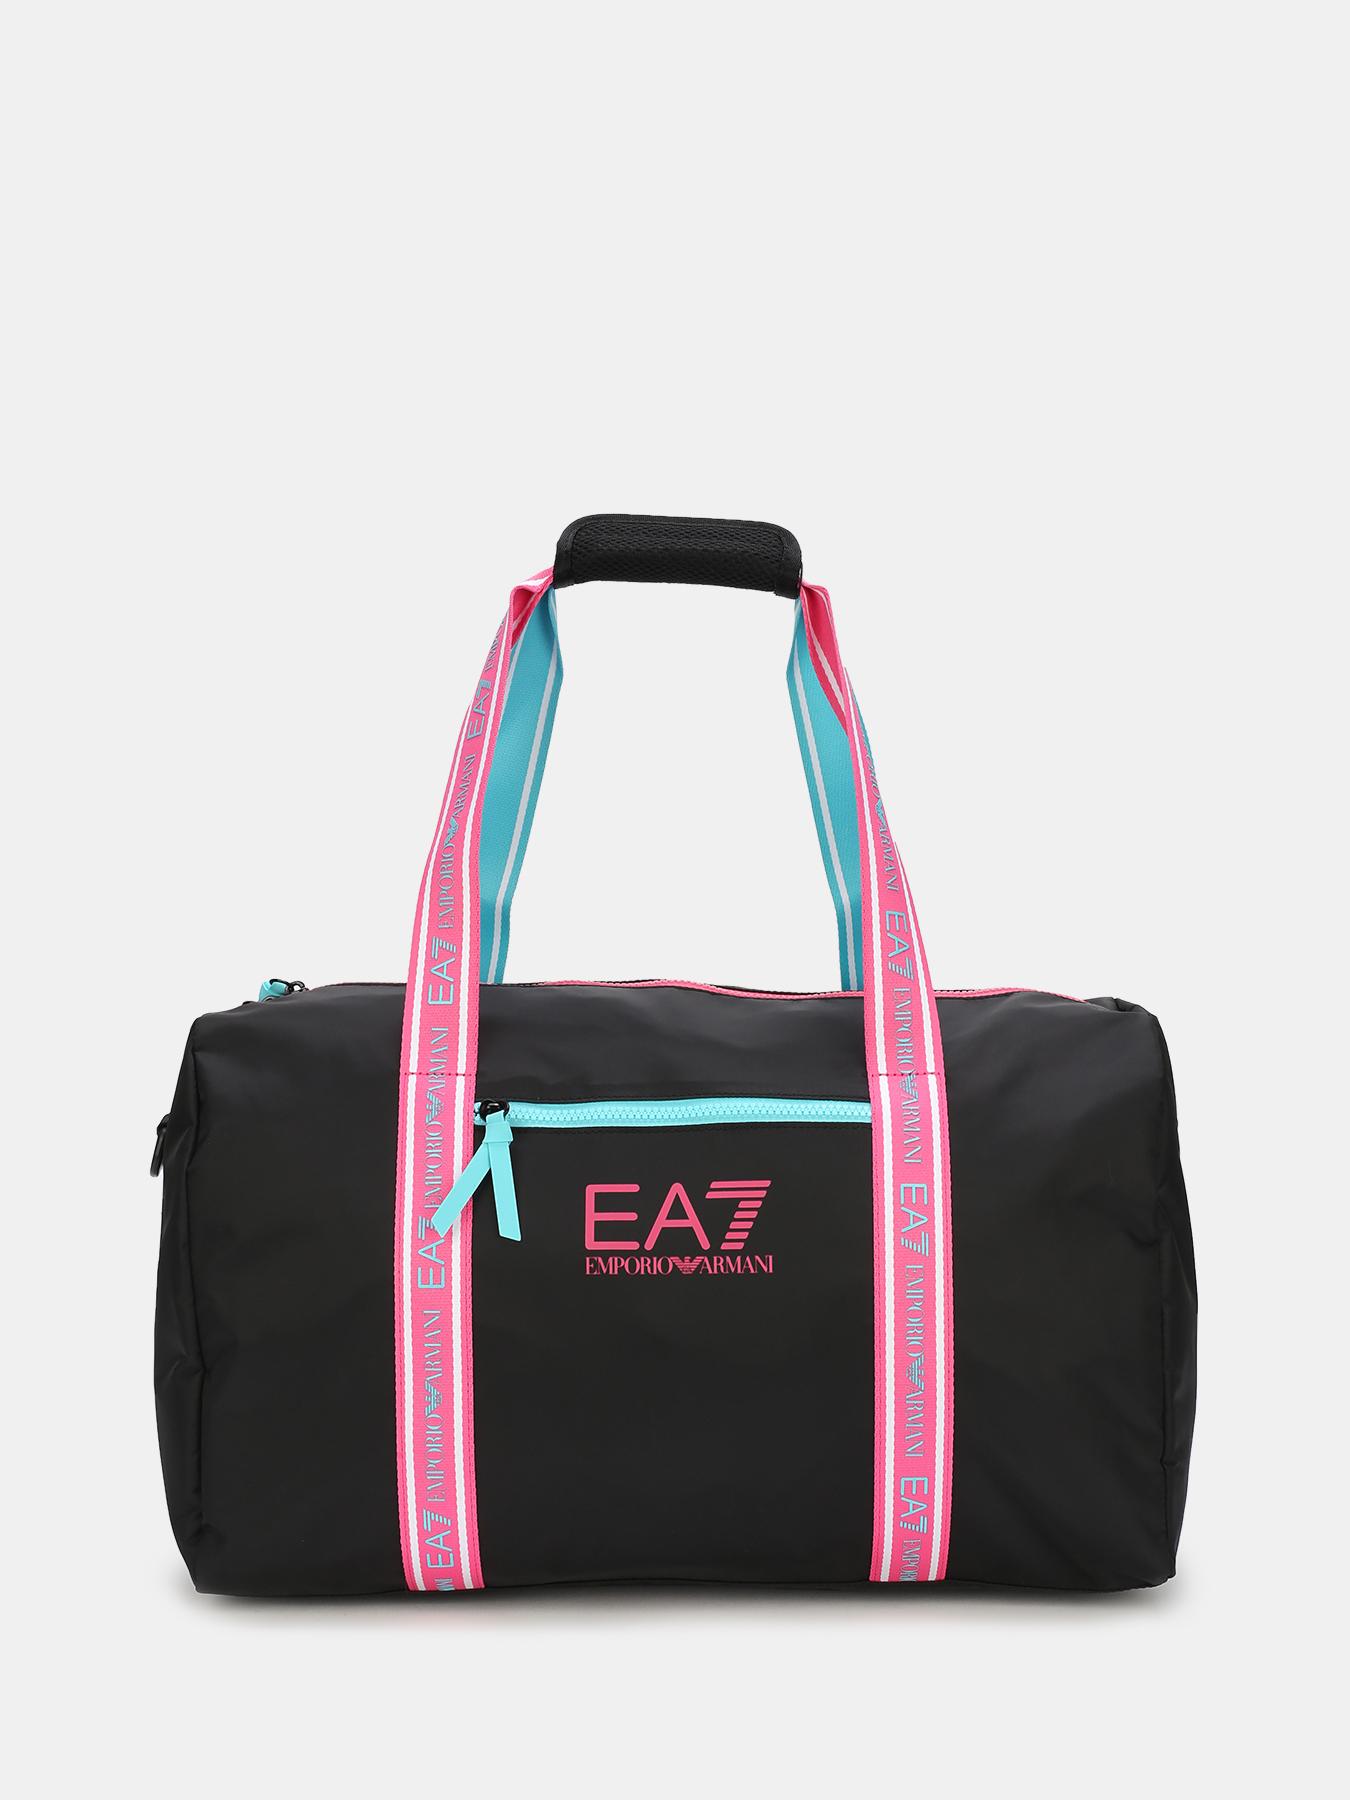 Фото - Дорожные сумки EA7 Emporio Armani Дорожная сумка феникс сумка мешок дорожная монстрик в оранжевом свитере 48646 оранжевый